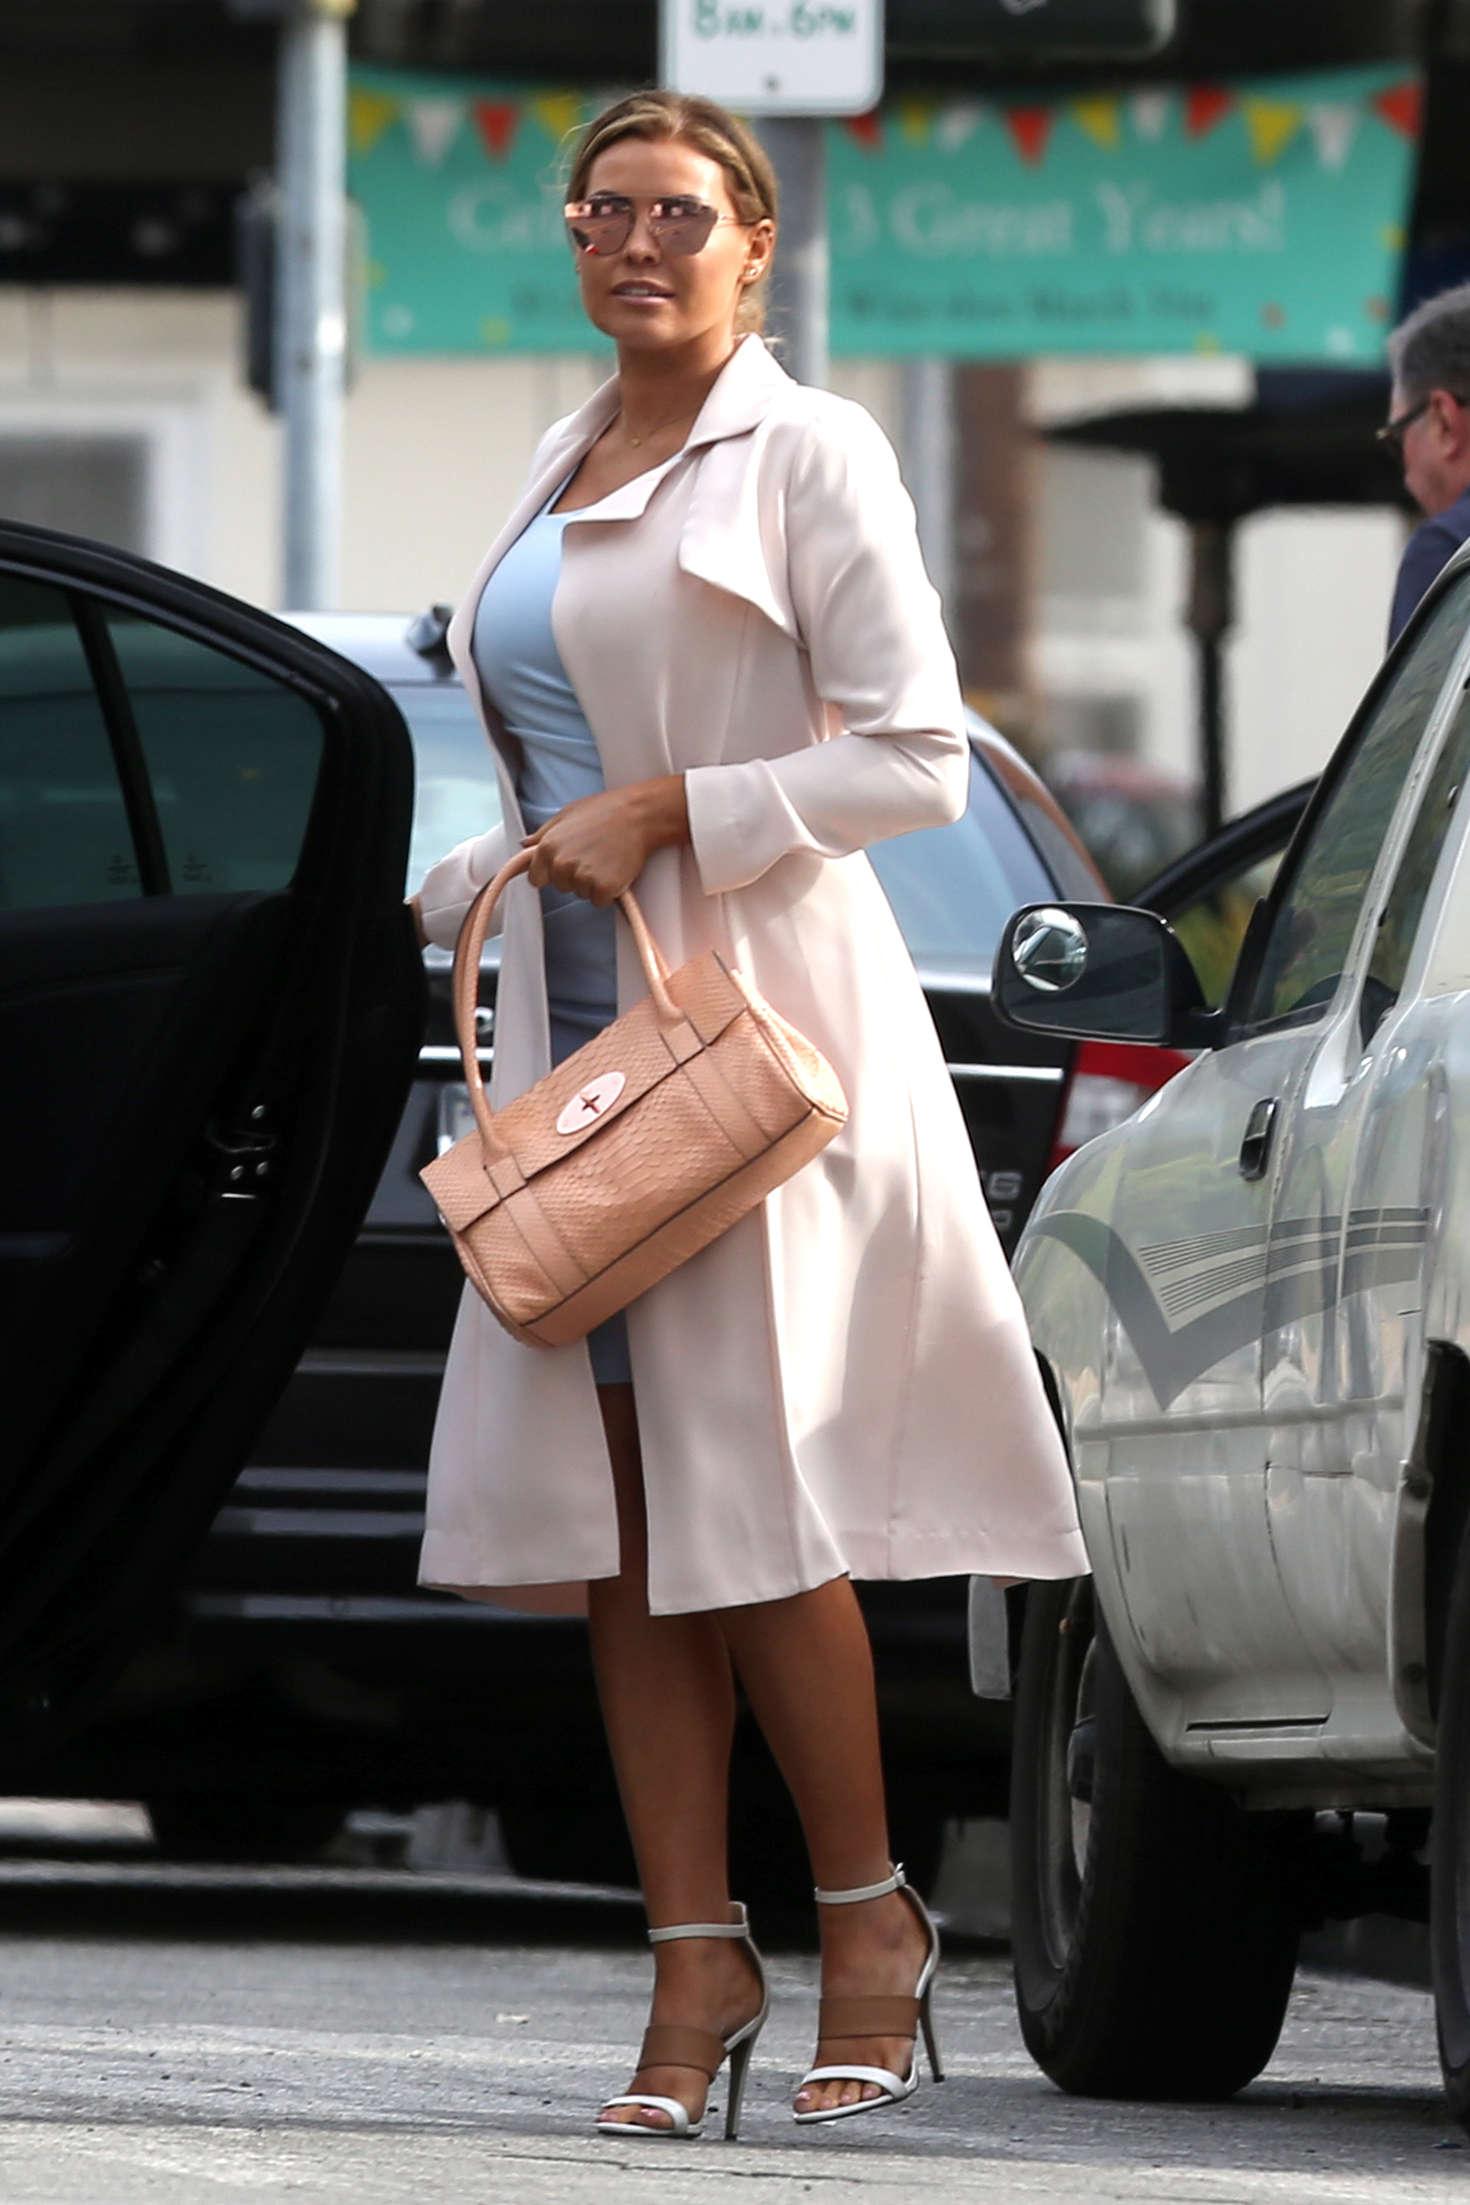 Alissa bristol escort